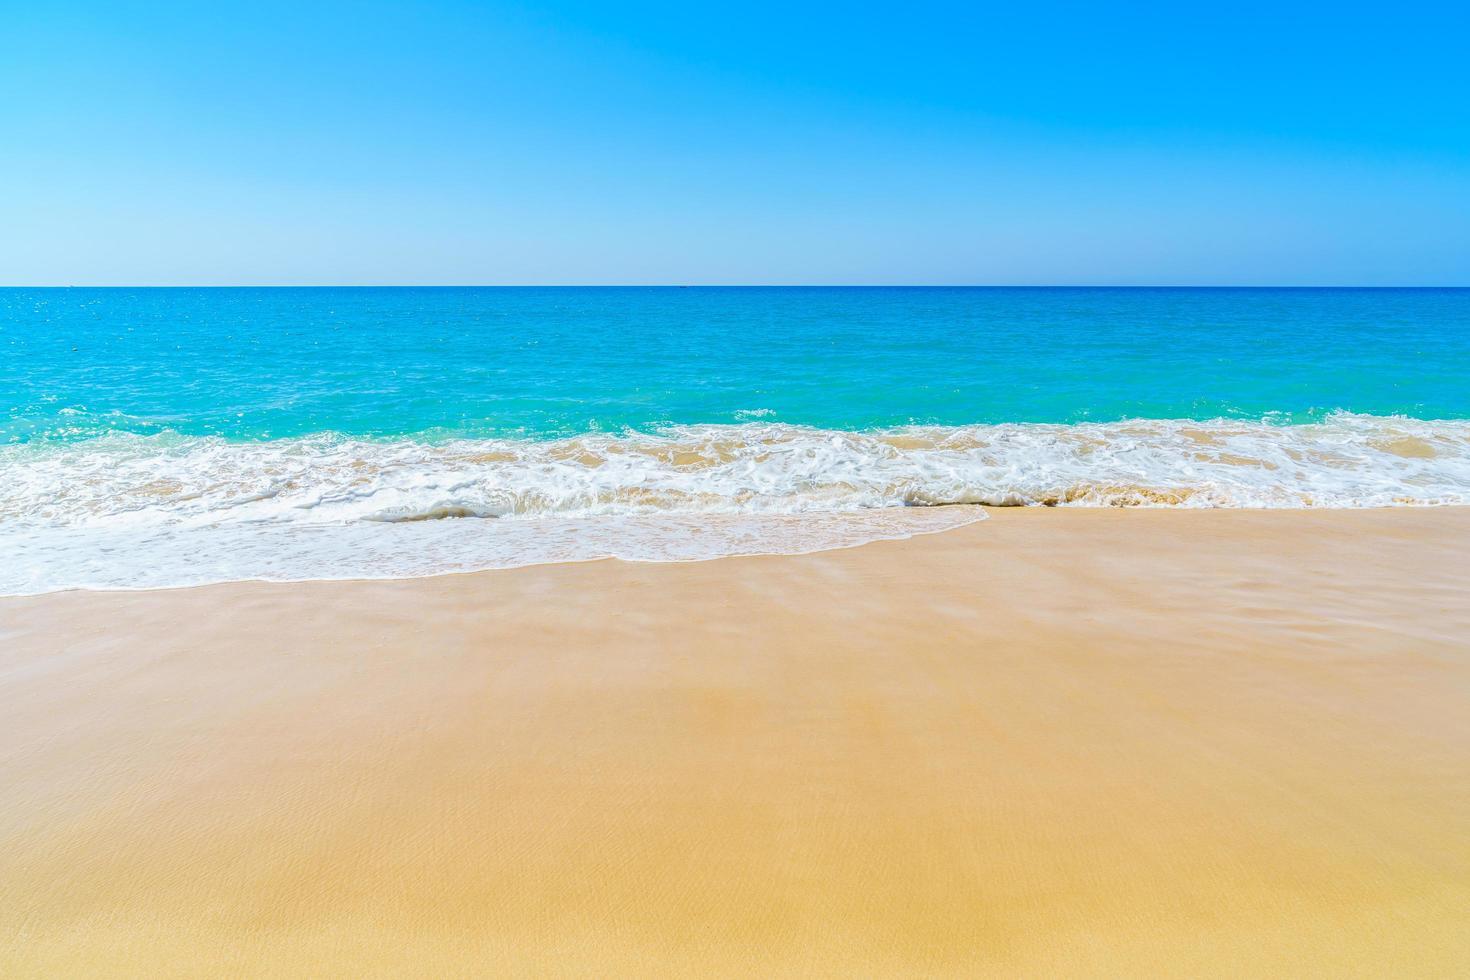 prachtig strand en zee foto